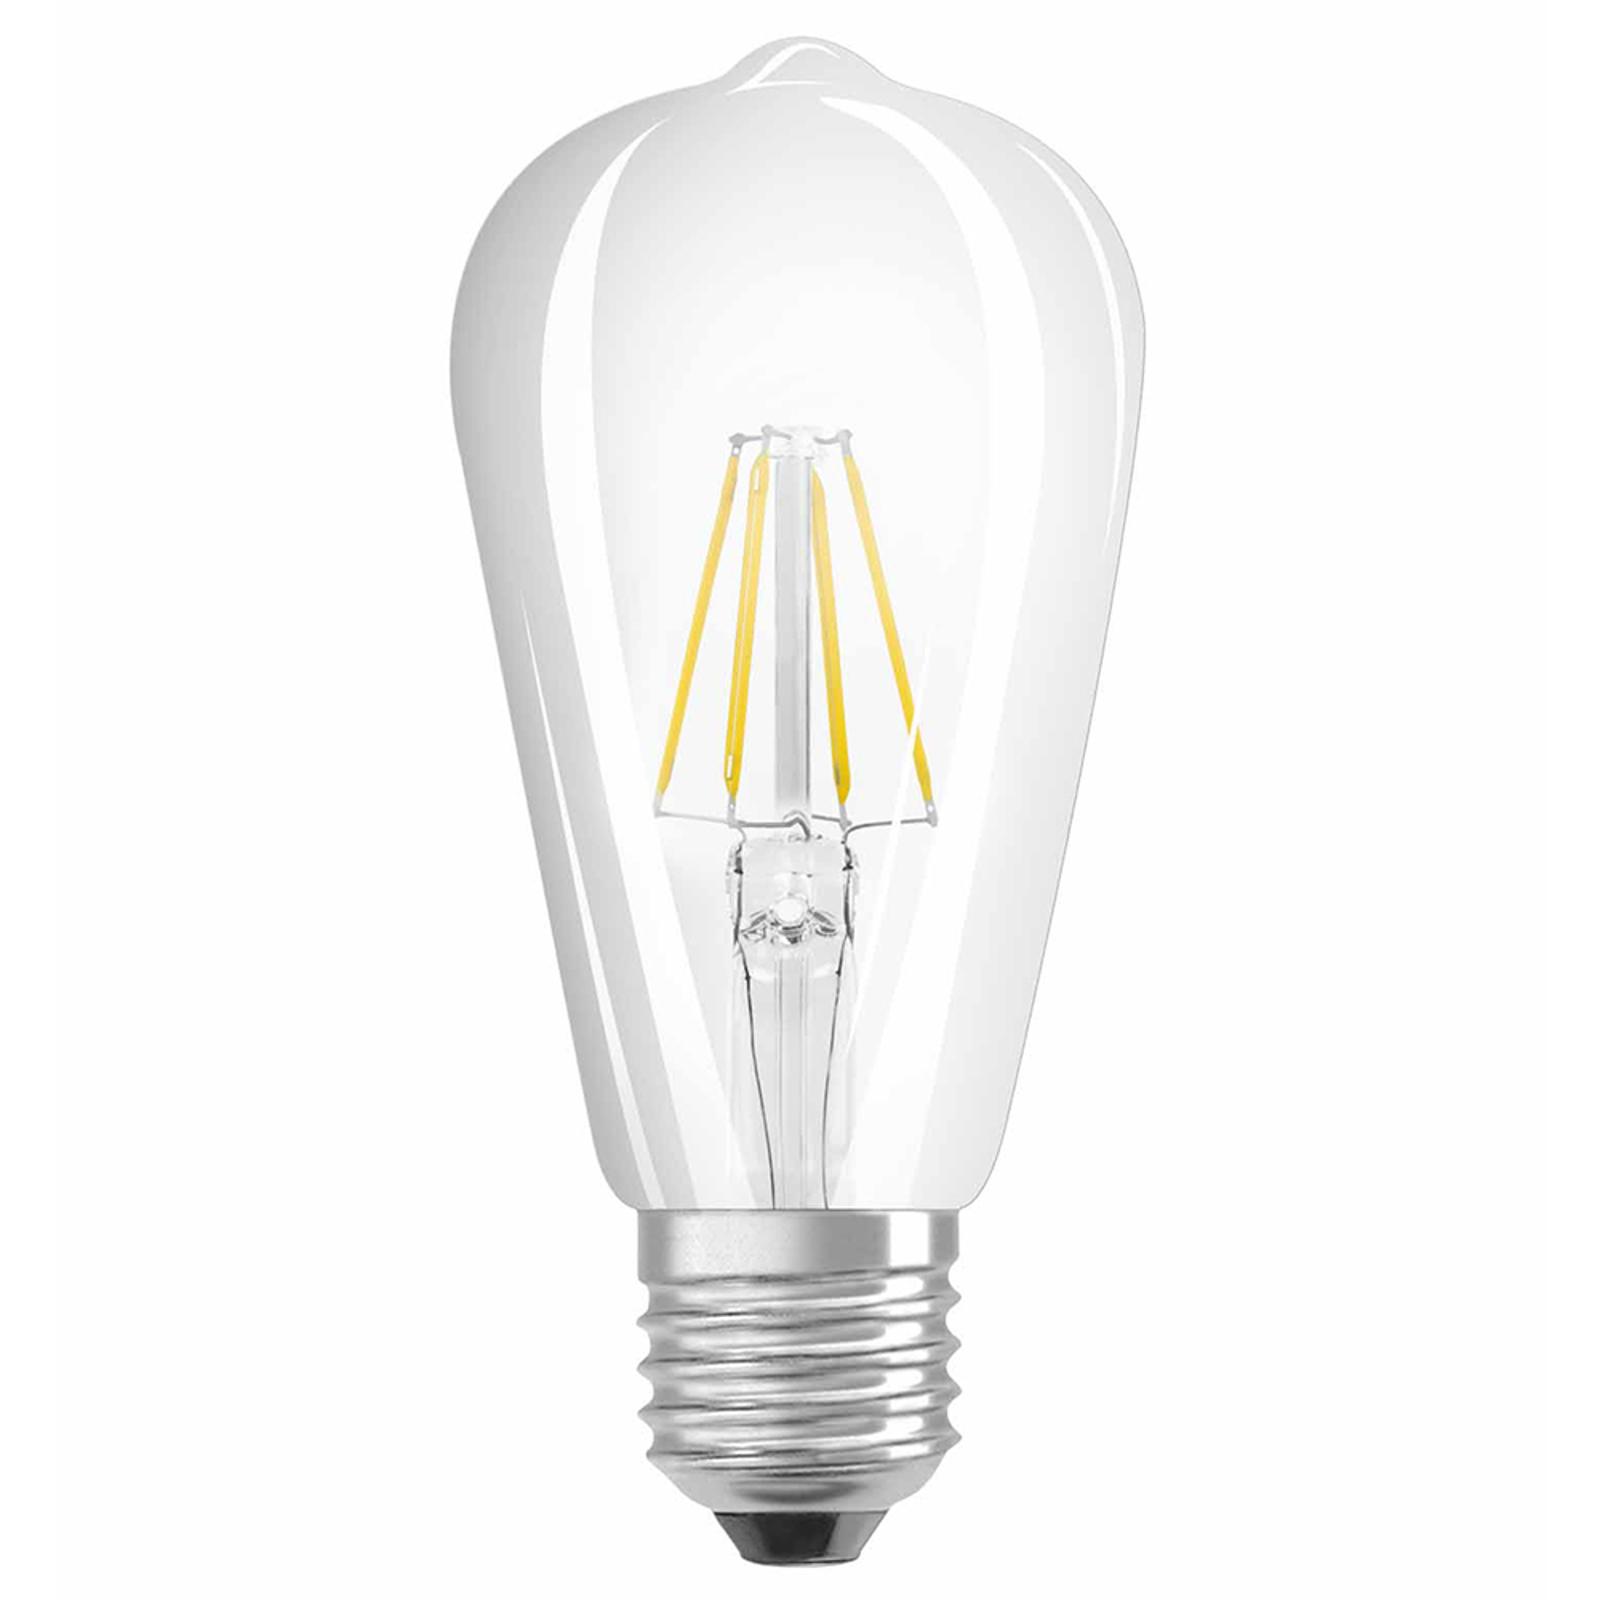 OSRAM lampadina LED E27 6,5W ST64 rustica 827